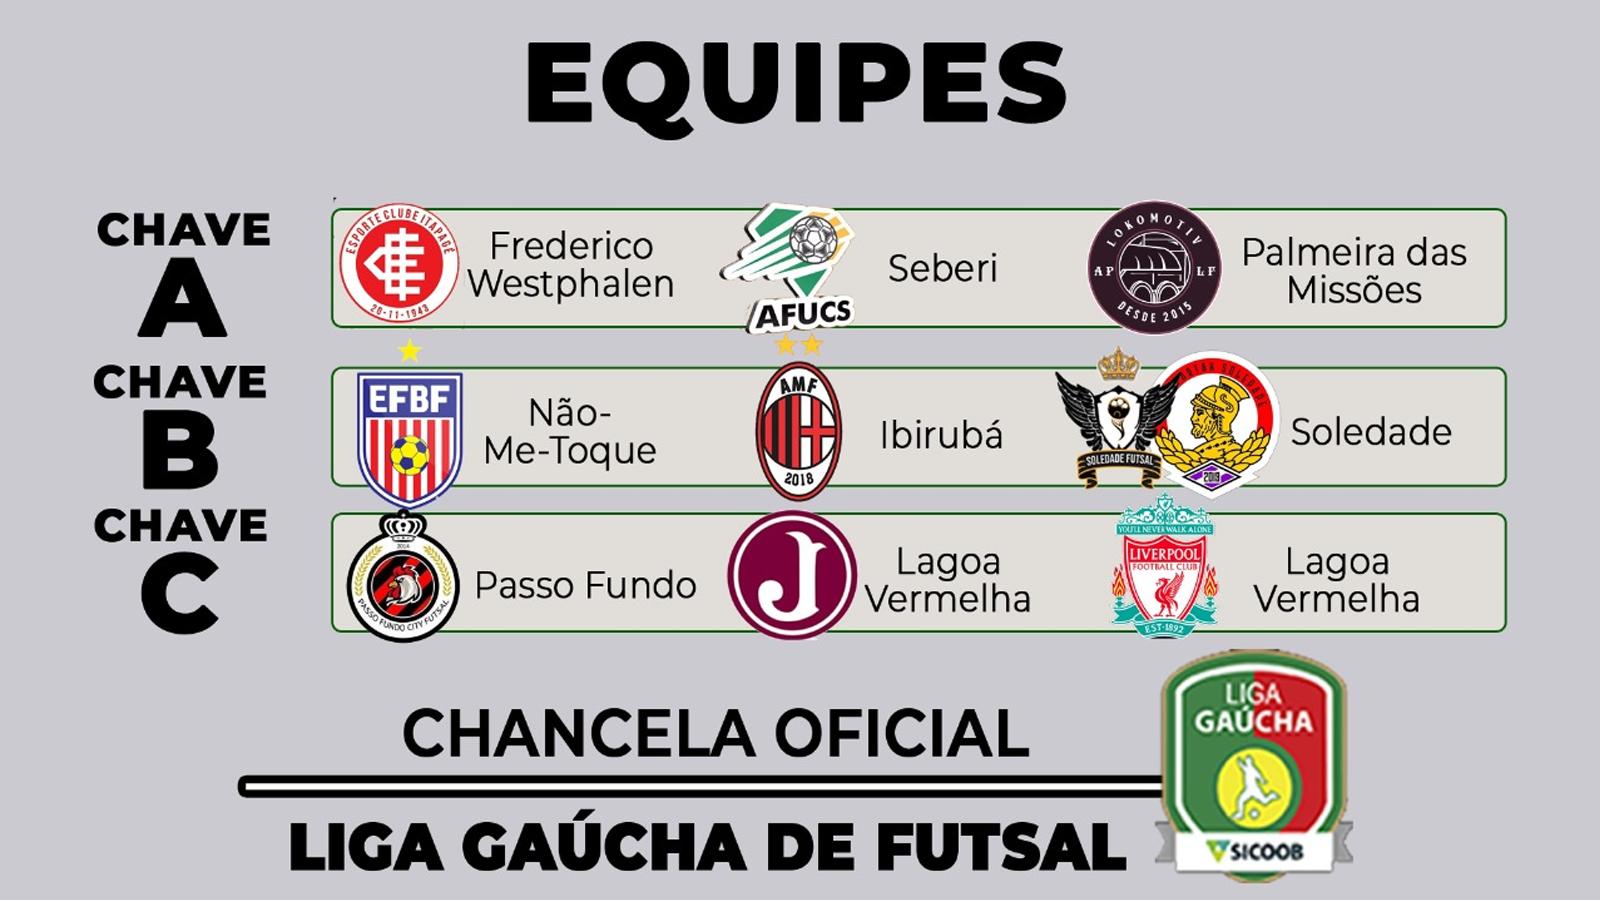 EFBF de Não-Me-Toque conhece adversários na Taça TG Sub-20 de Futsal